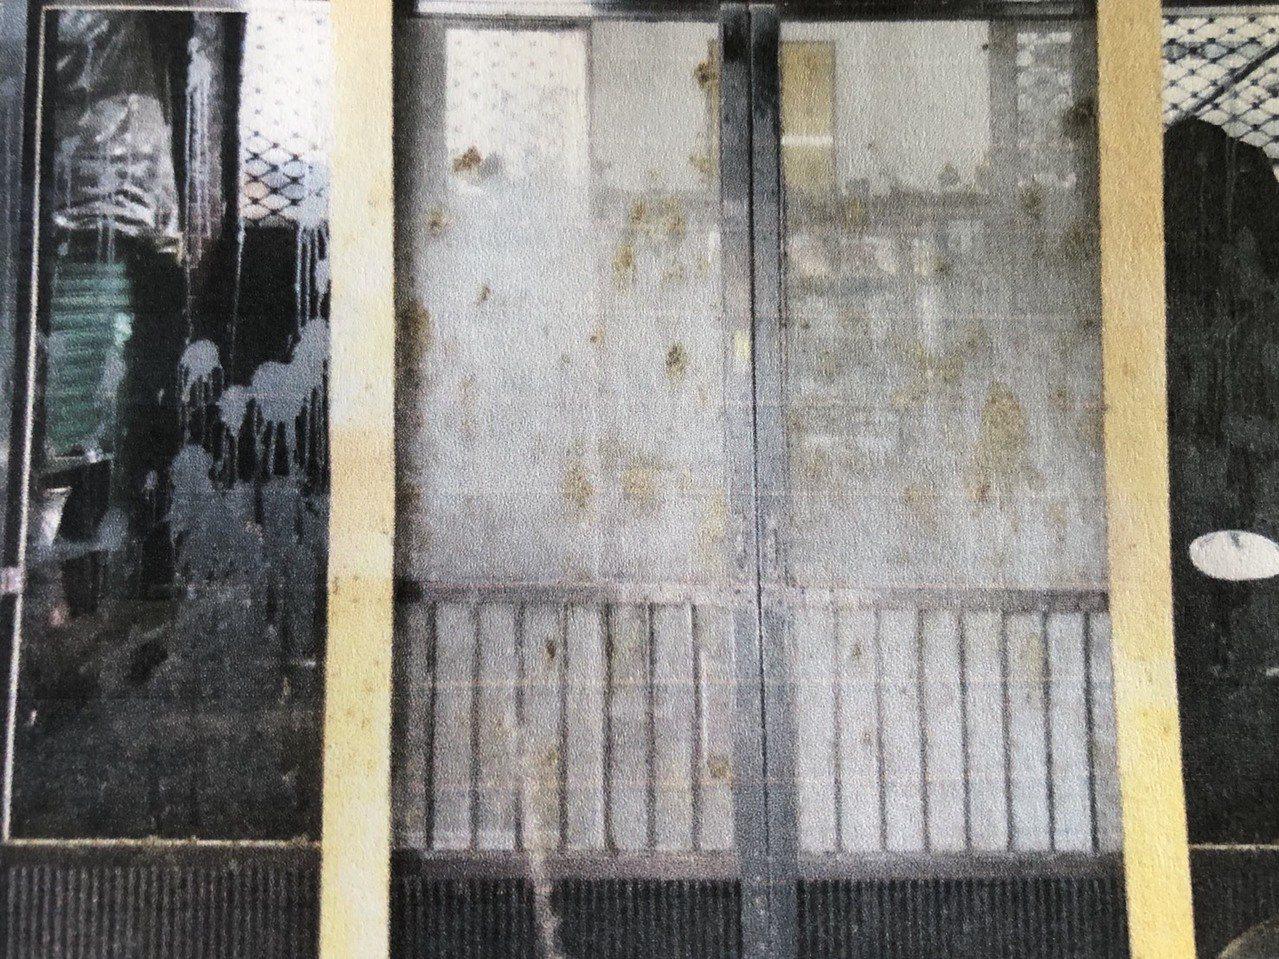 林男住家門窗遭糞尿攻擊。記者林敬家/翻攝